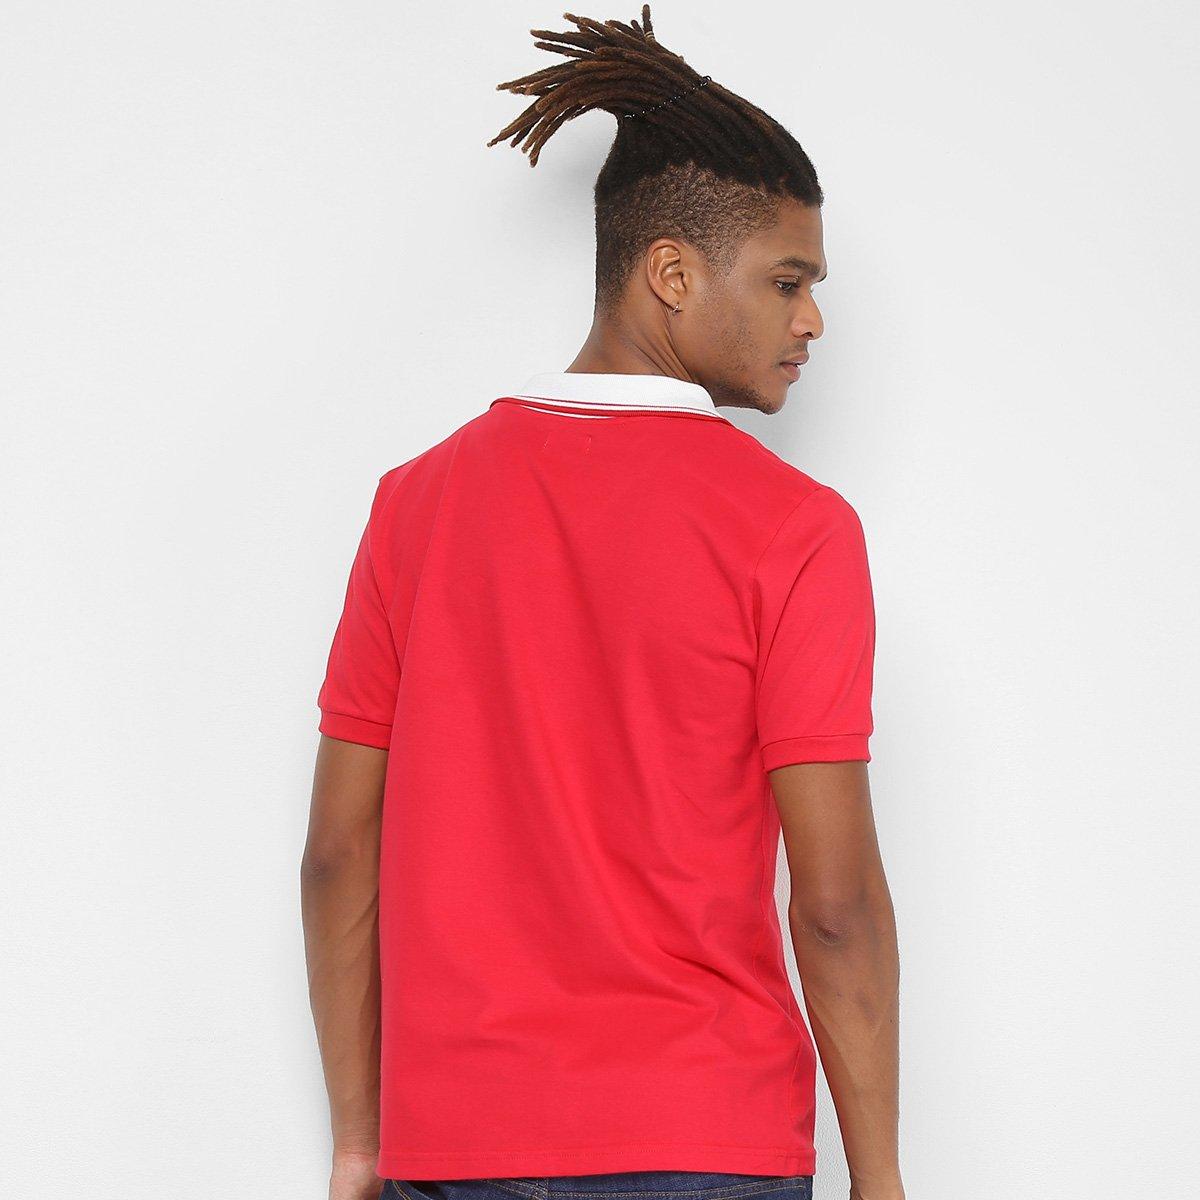 7e0bce55f63 Camiseta Internacional Retrô Mania 1992 Masculina - Vermelho ...